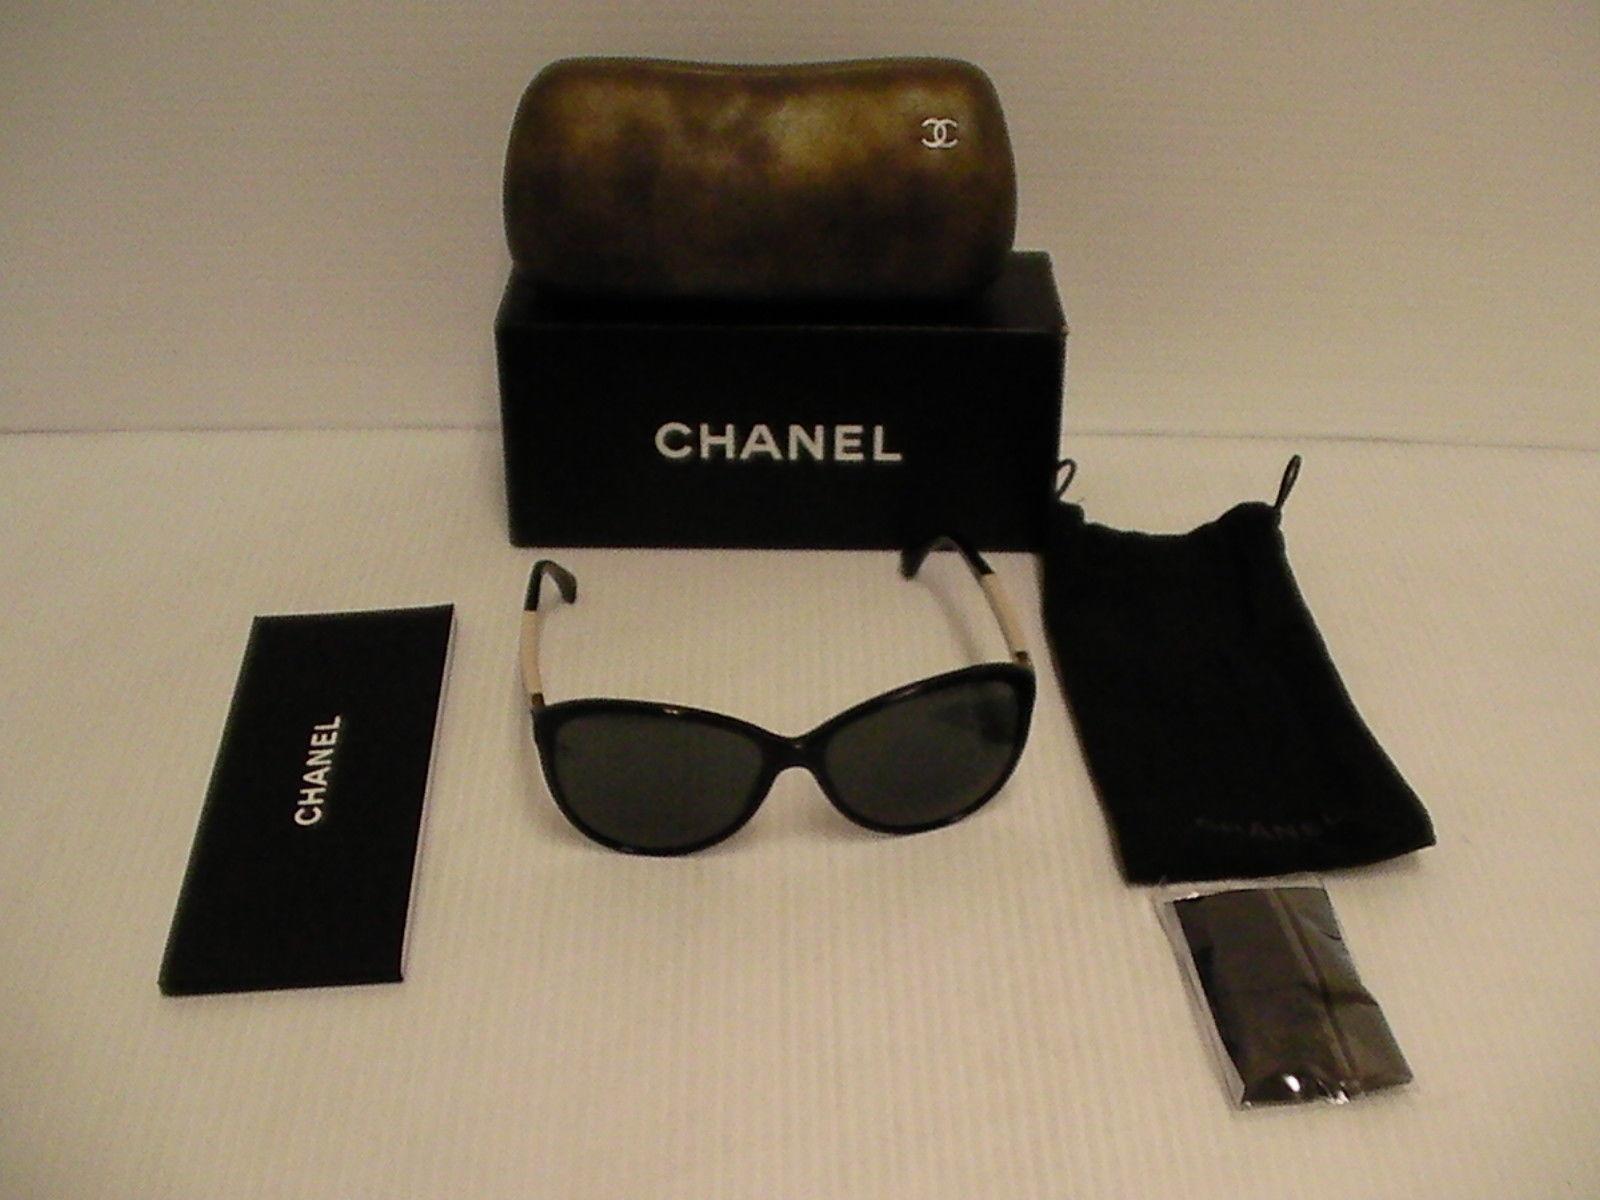 21392e1d65f01 Authentic chanel sunglasses 5225-Q c